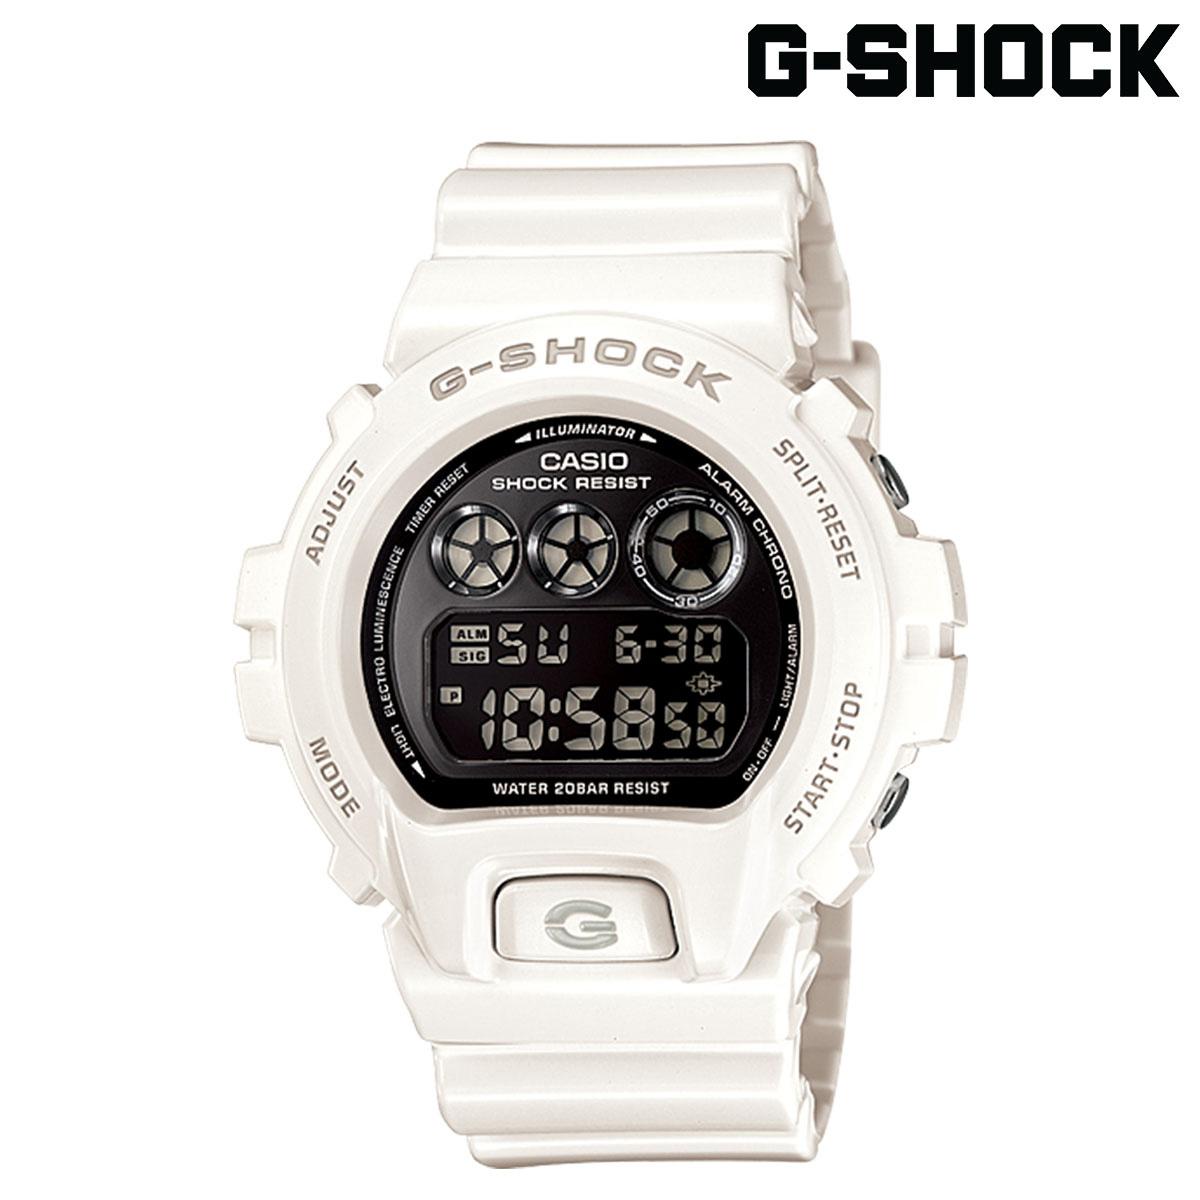 Casio Casio G Shock Watch Dw 6900nb 7jf Metallic Colors ジーショック G Shock G Shock White White Men Gap Dis